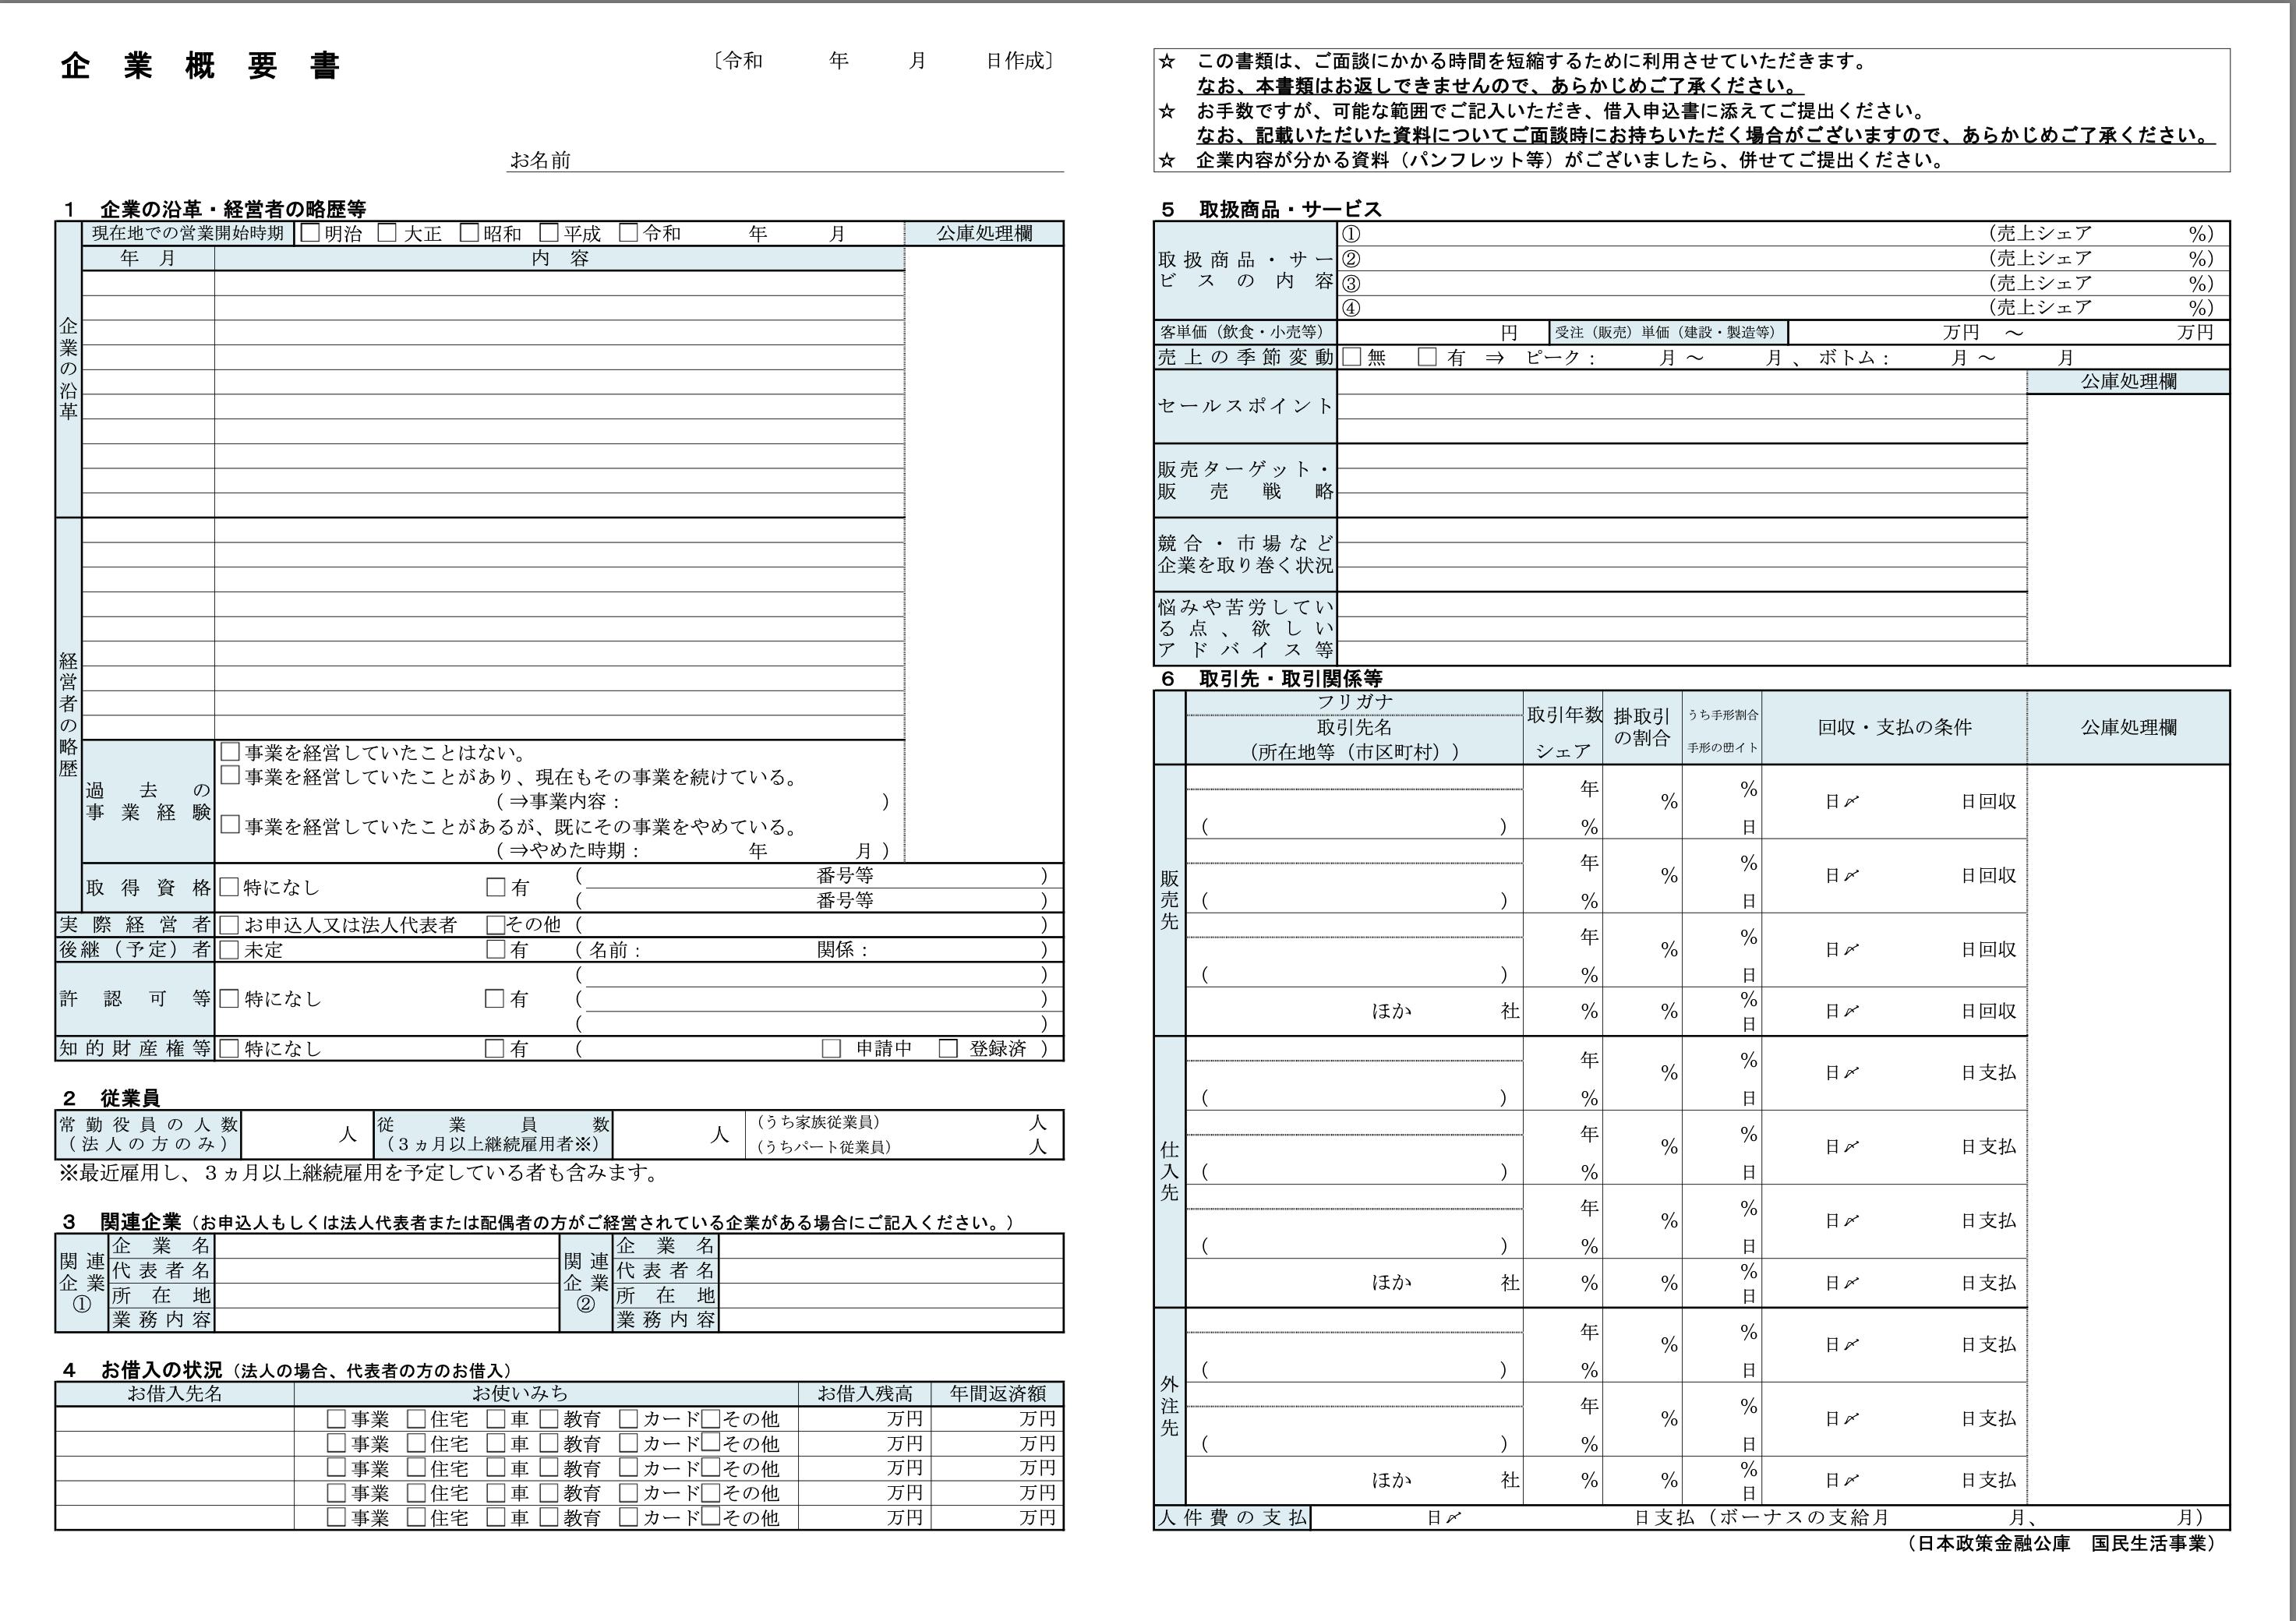 企業概要書(日本政策金融公庫)